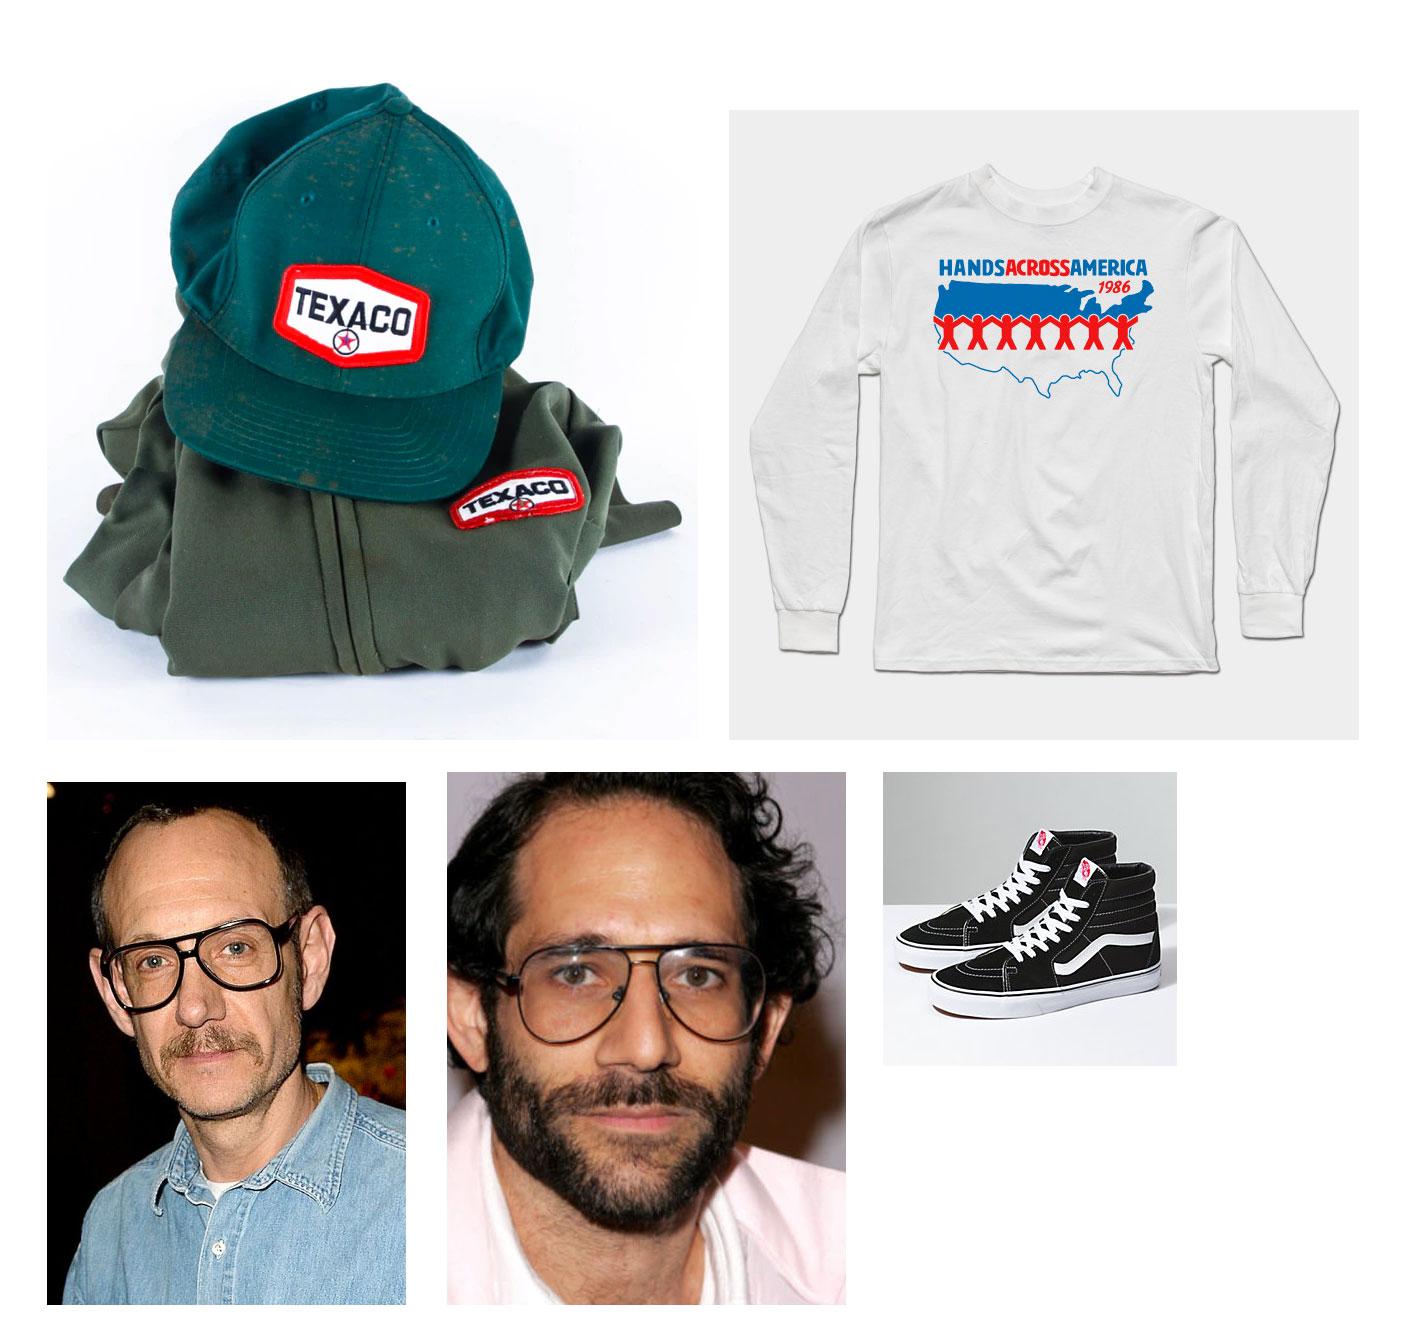 Hipster starter pack : qualquer coisa você diz que é uma ironia (e as metidas a cinéfila vão adorar a citação a  Nós  da camiseta…)